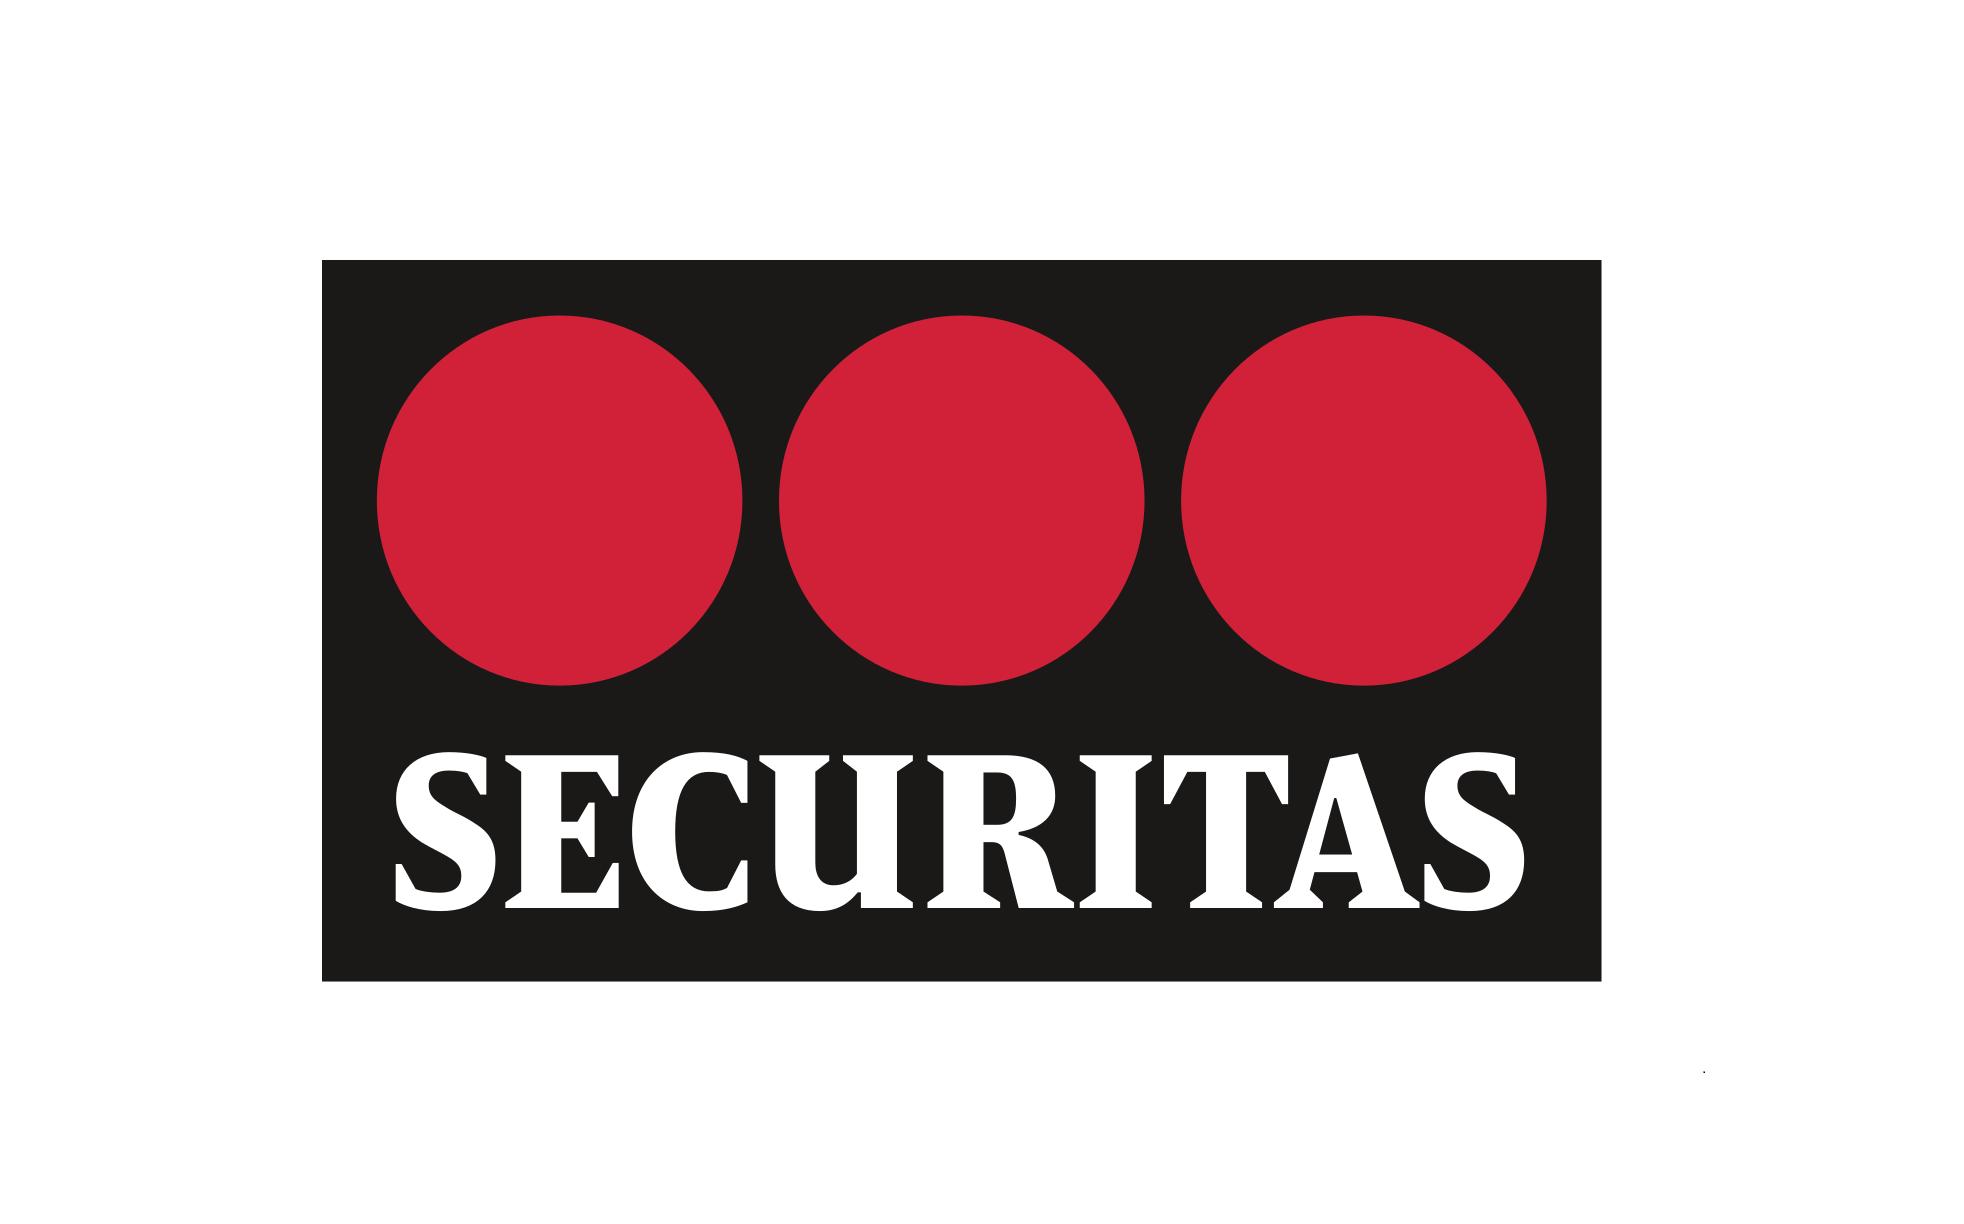 Securitas Website PIcture